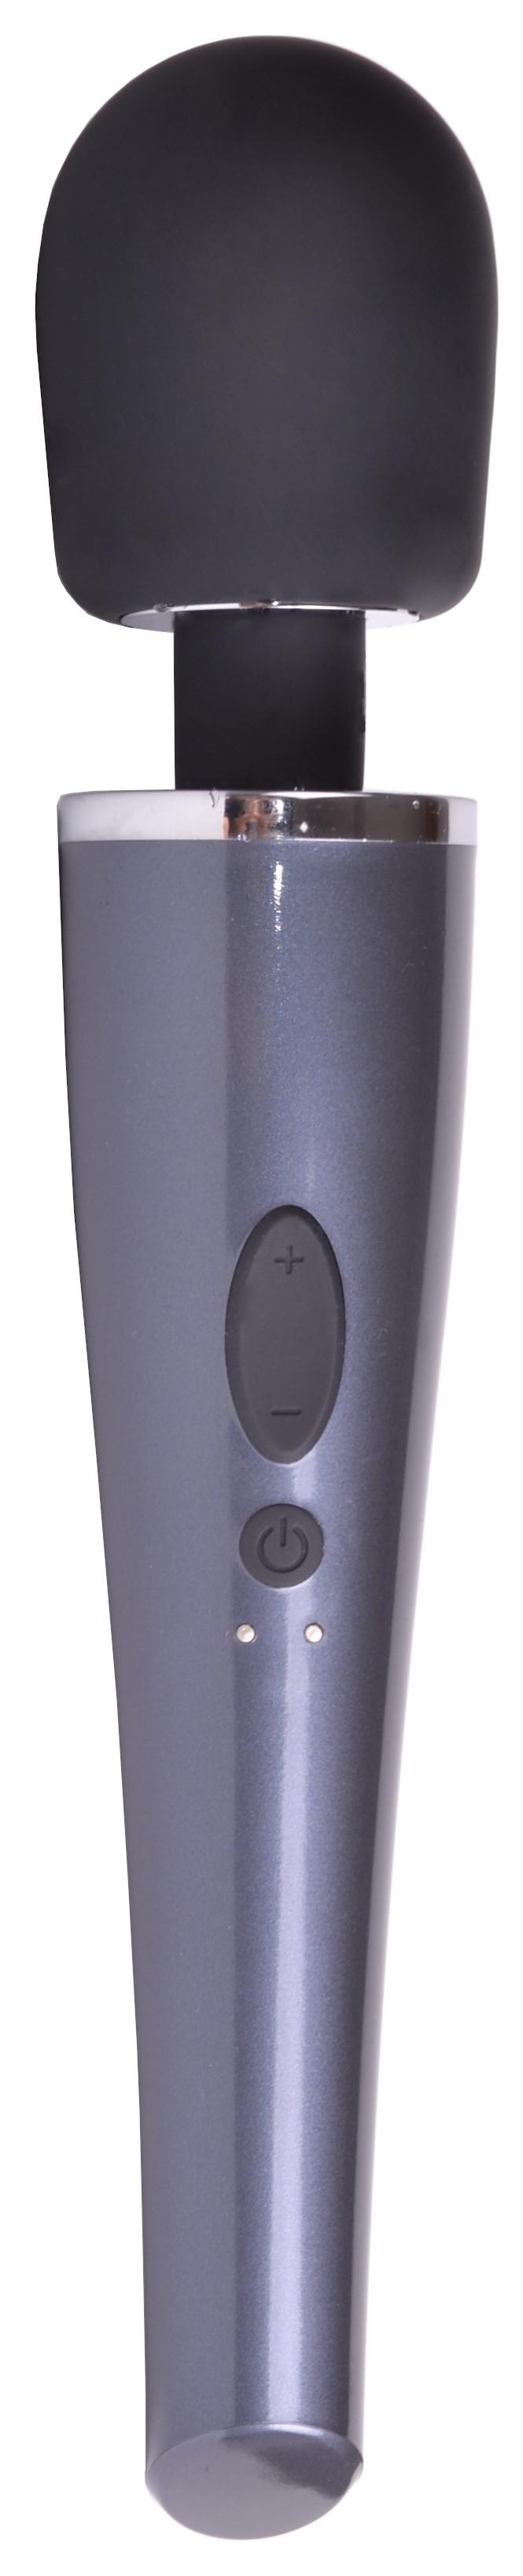 Masážní hlavice PowerWand 2